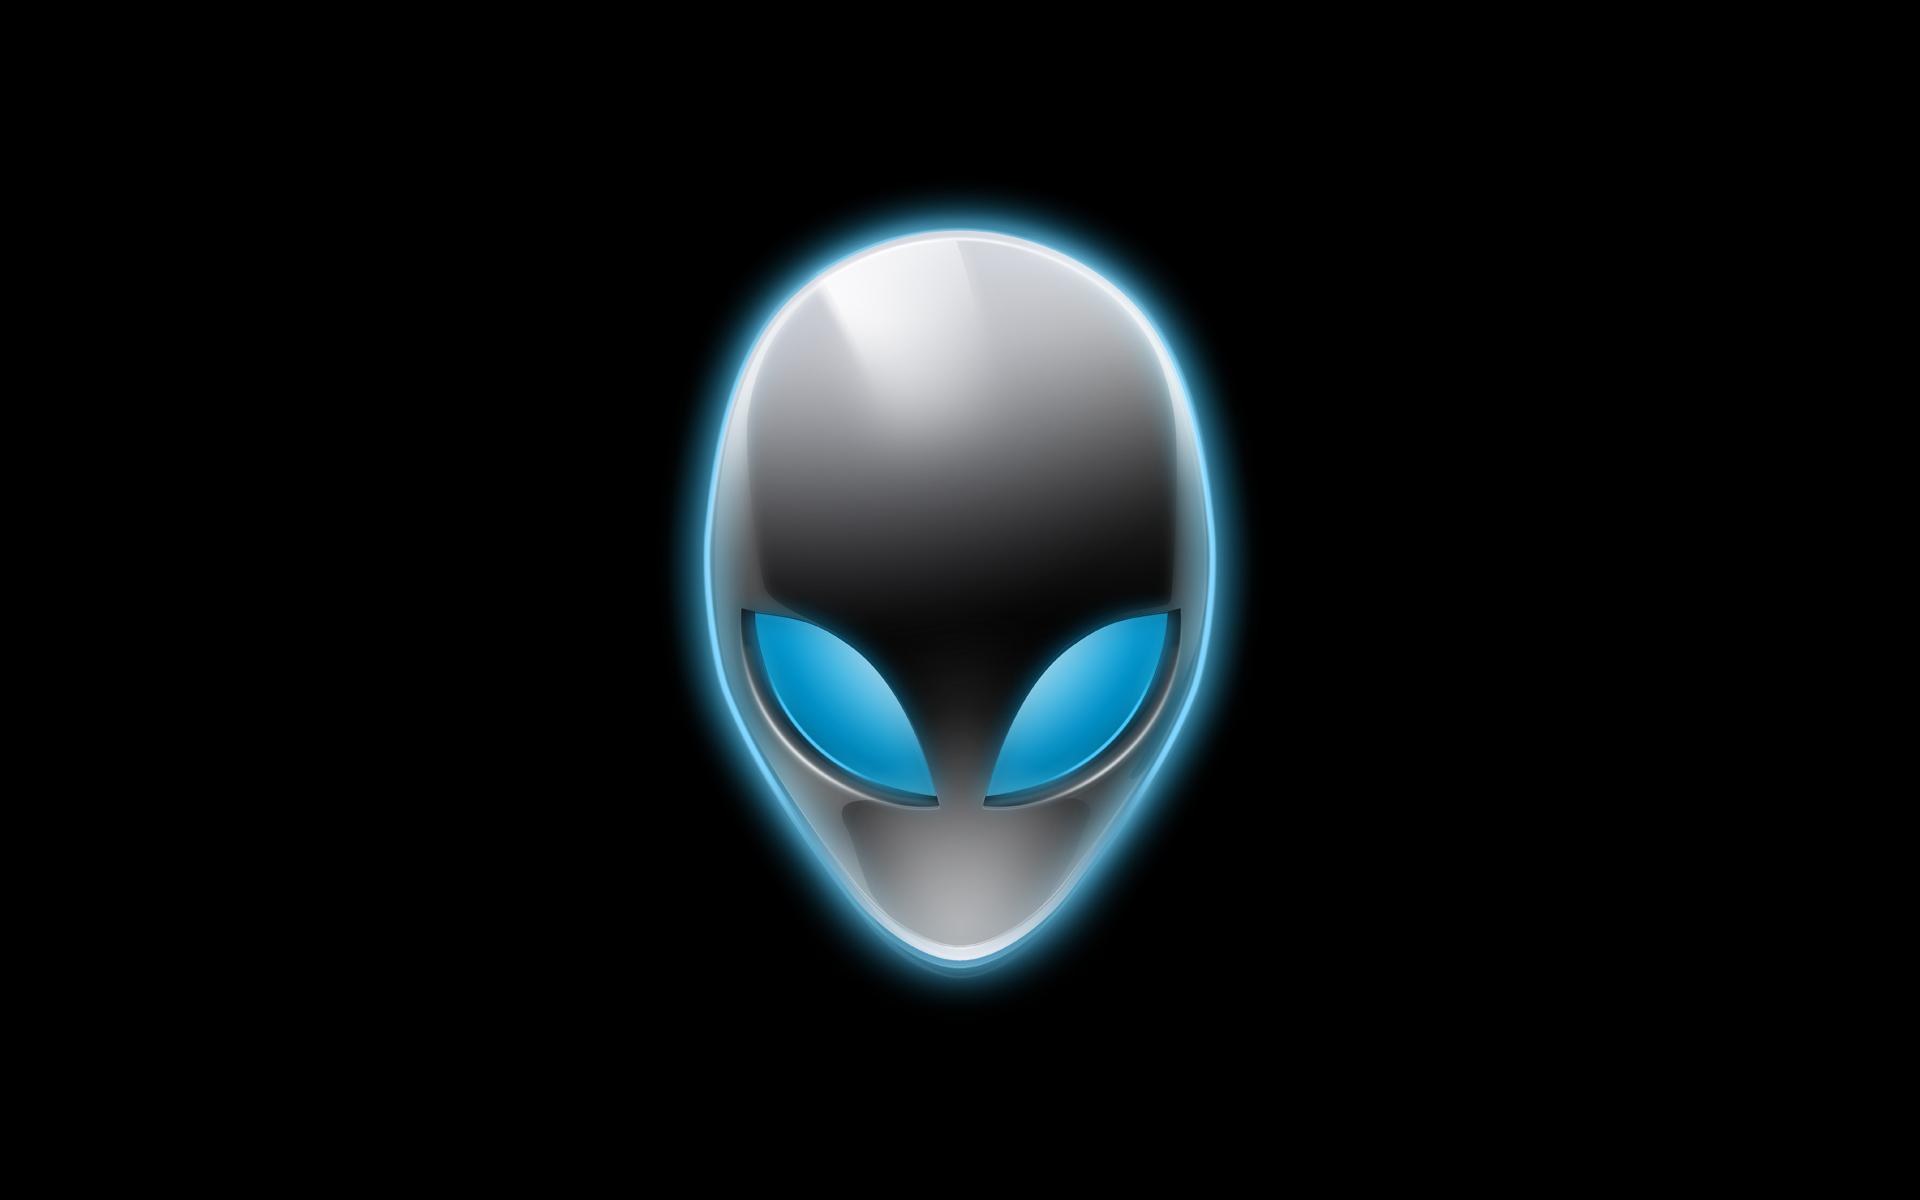 alienware wallpaper 1920x1200 1920x1200